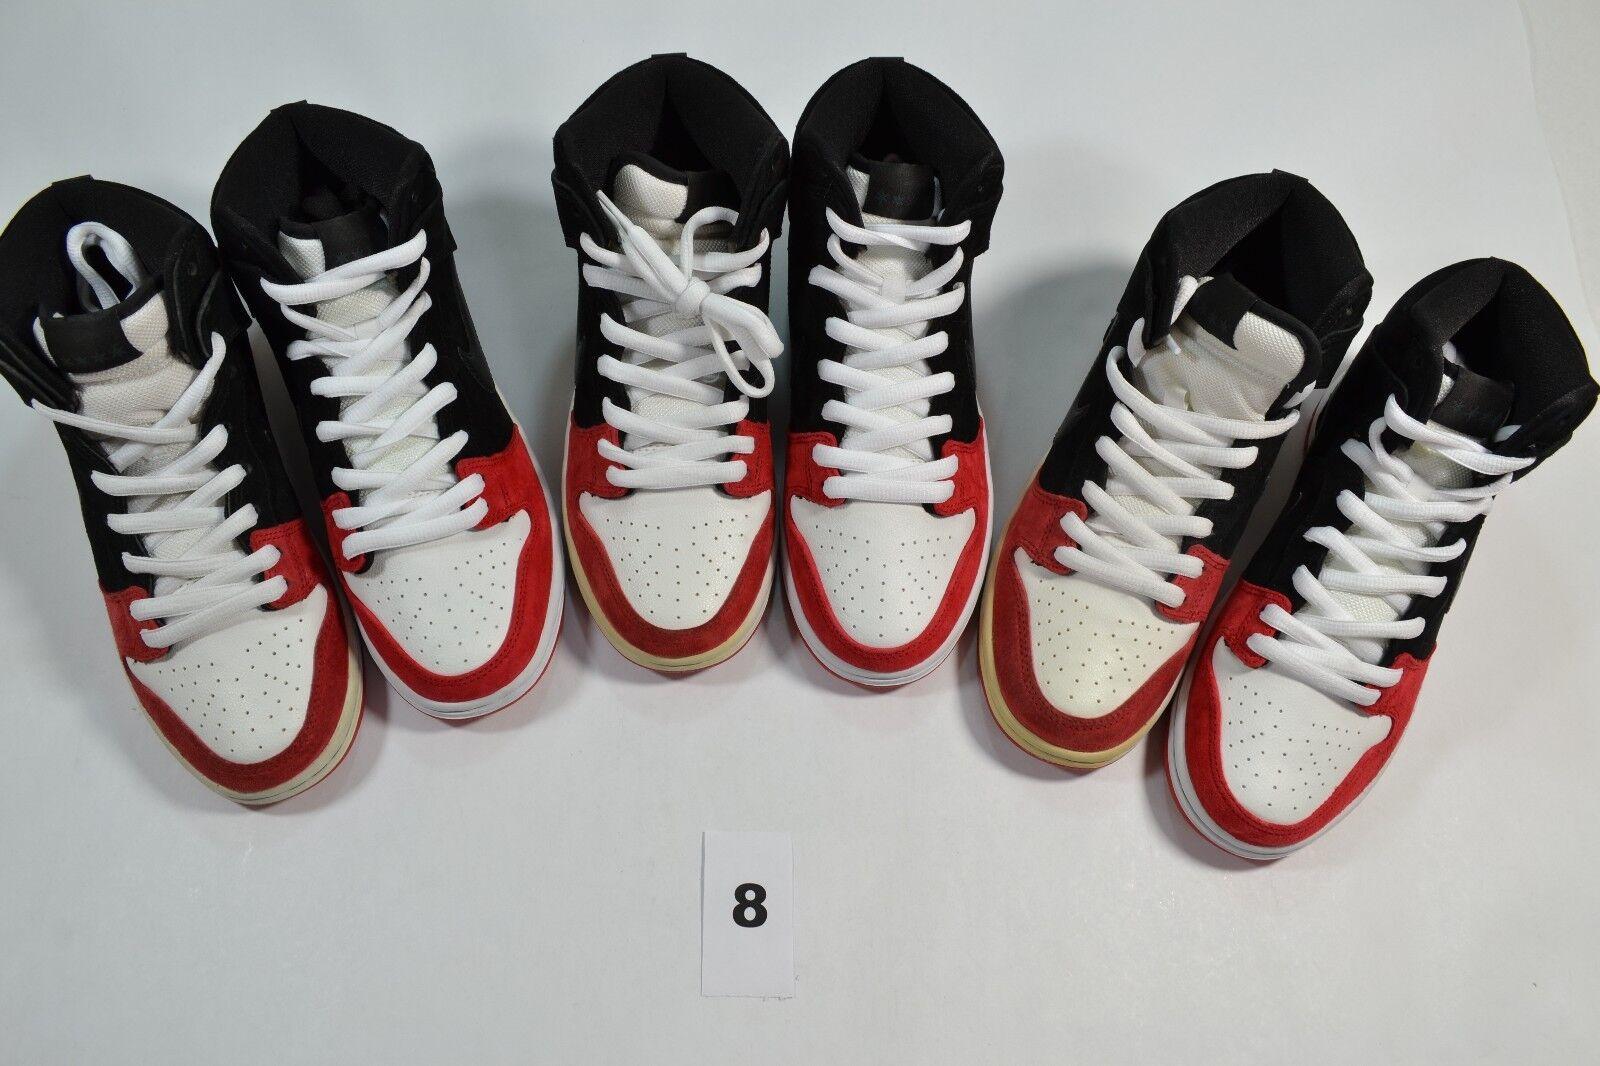 la taille de chaussures nike libre 5.0 7.5/8 jeunes femme taille 7.5/8 5.0 6,5 9baeab